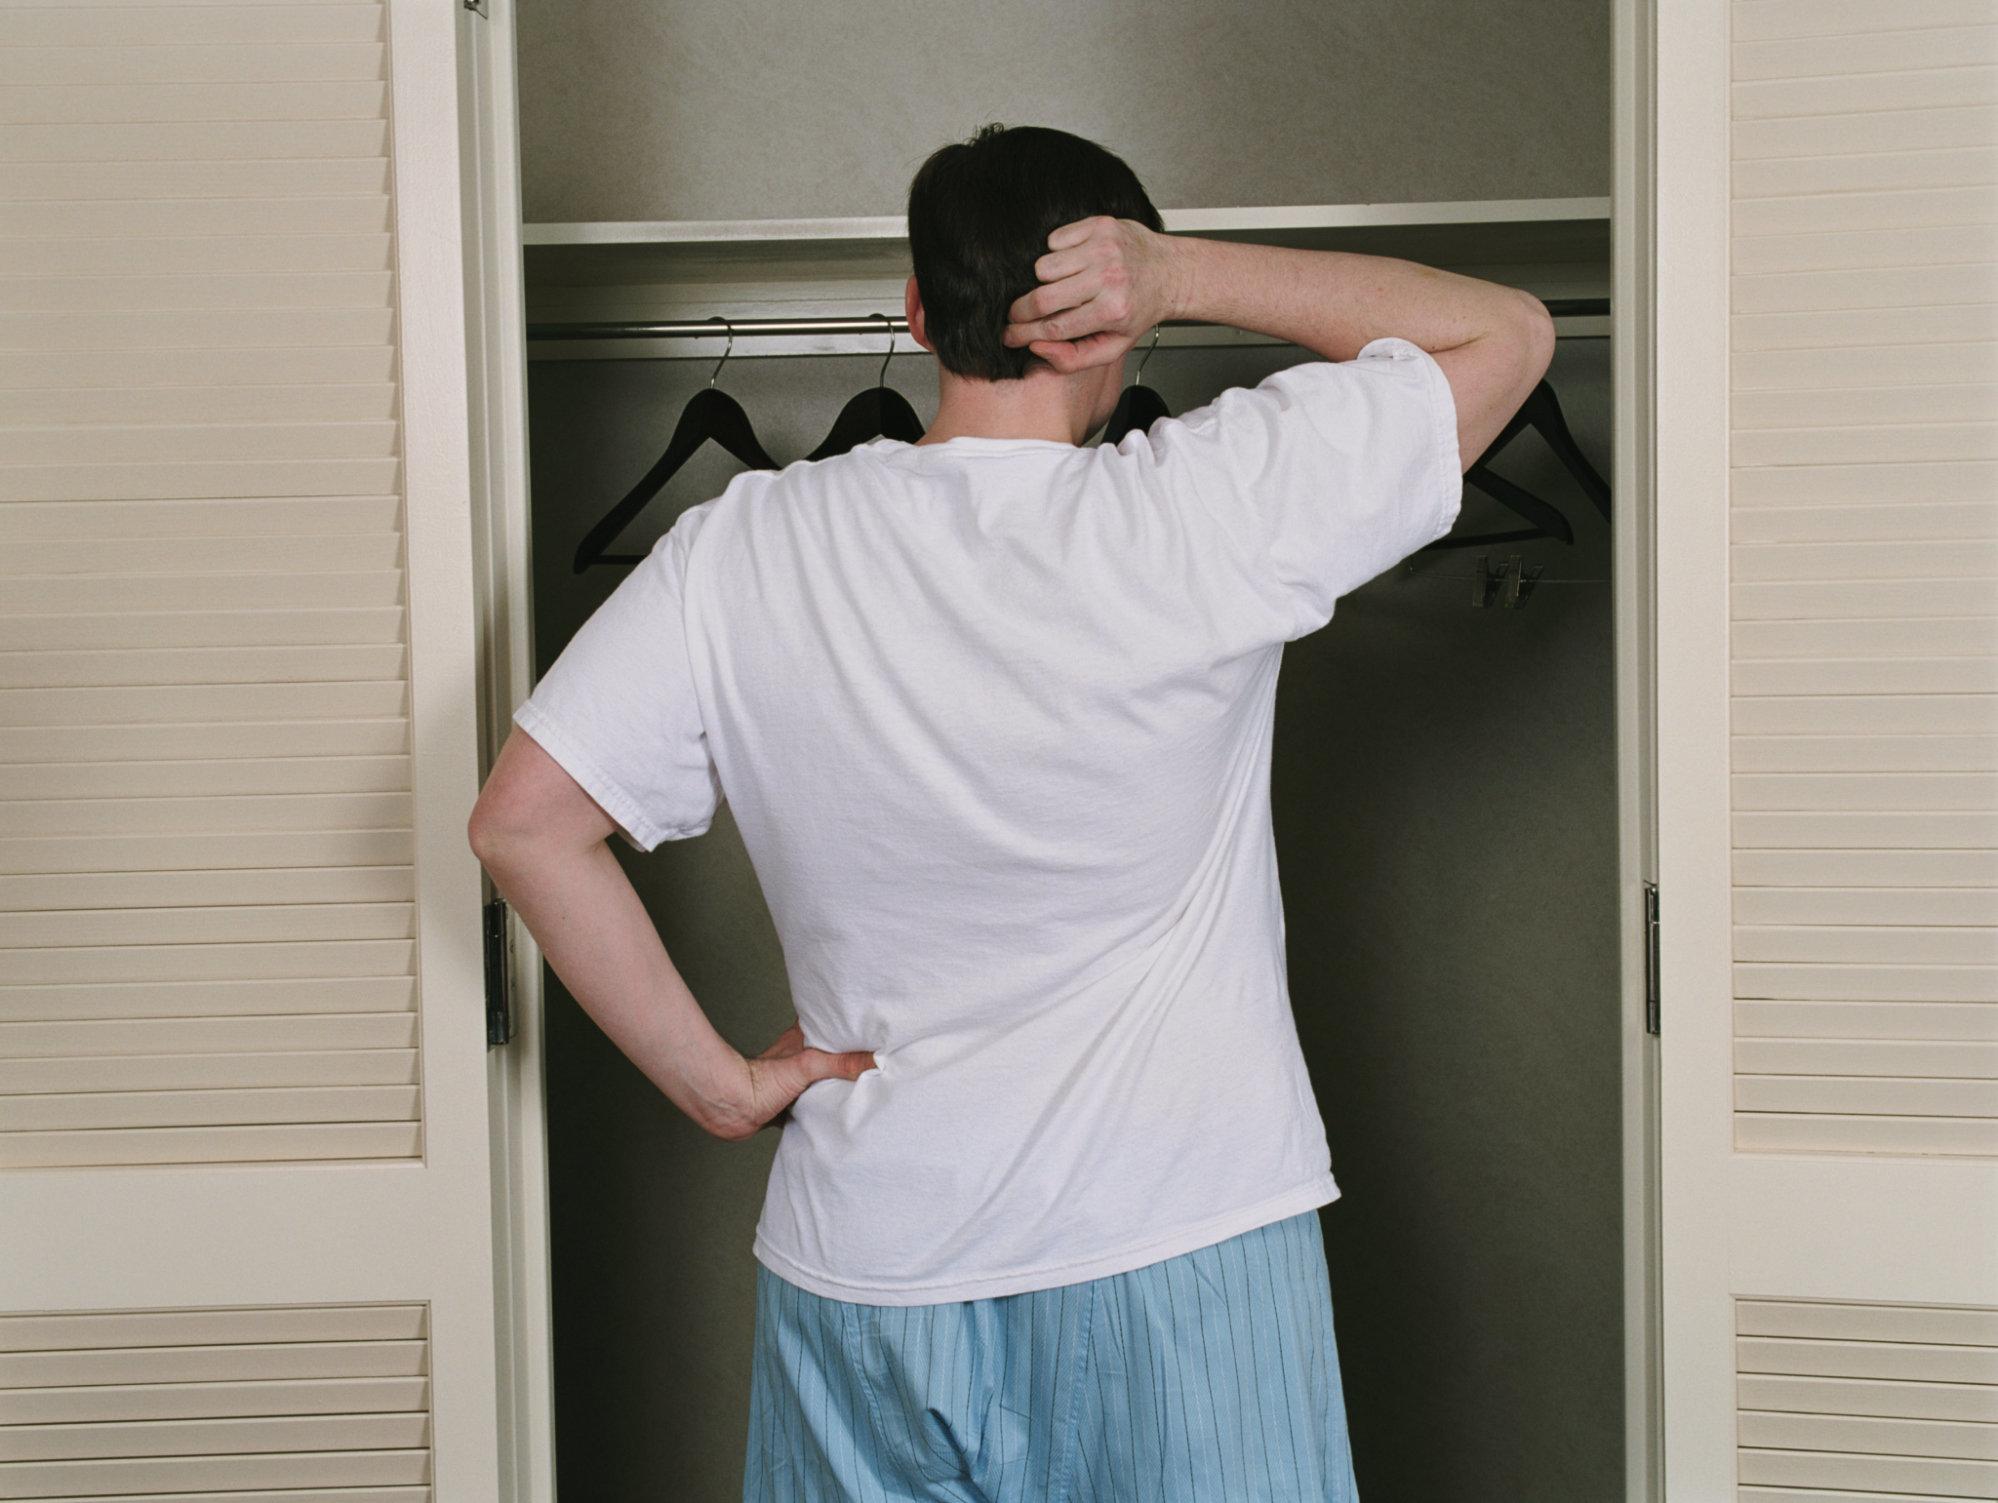 Man Looking at Closet